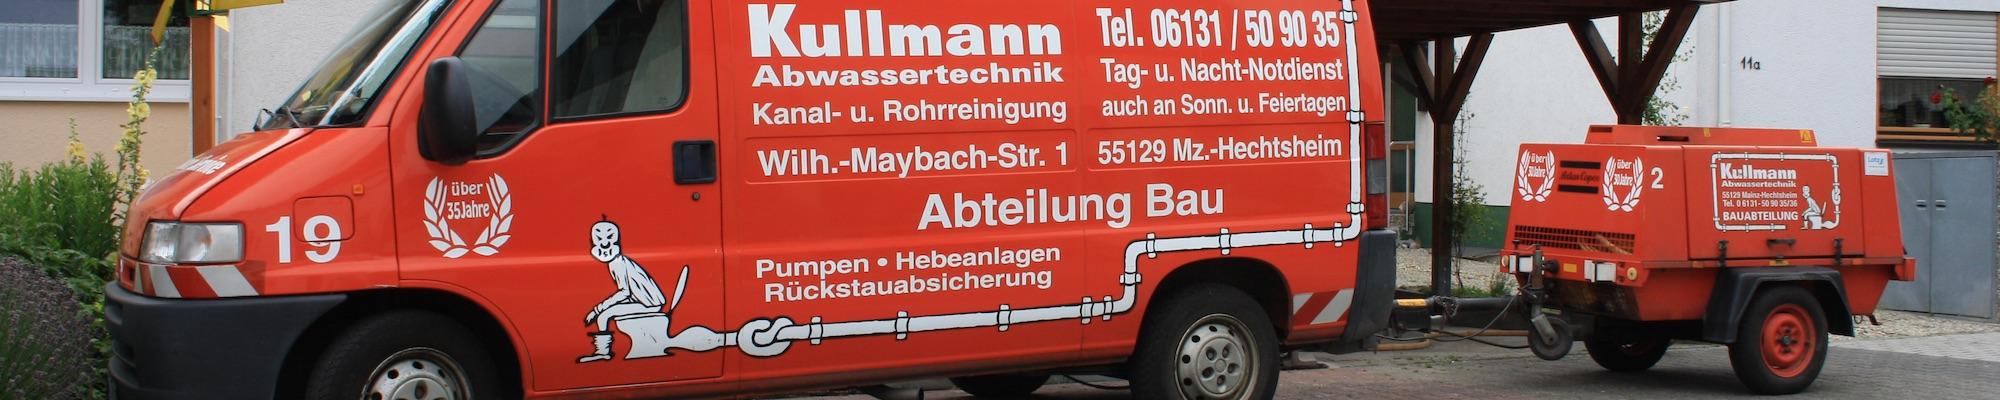 Kullmann Abwassertechnik GmbH